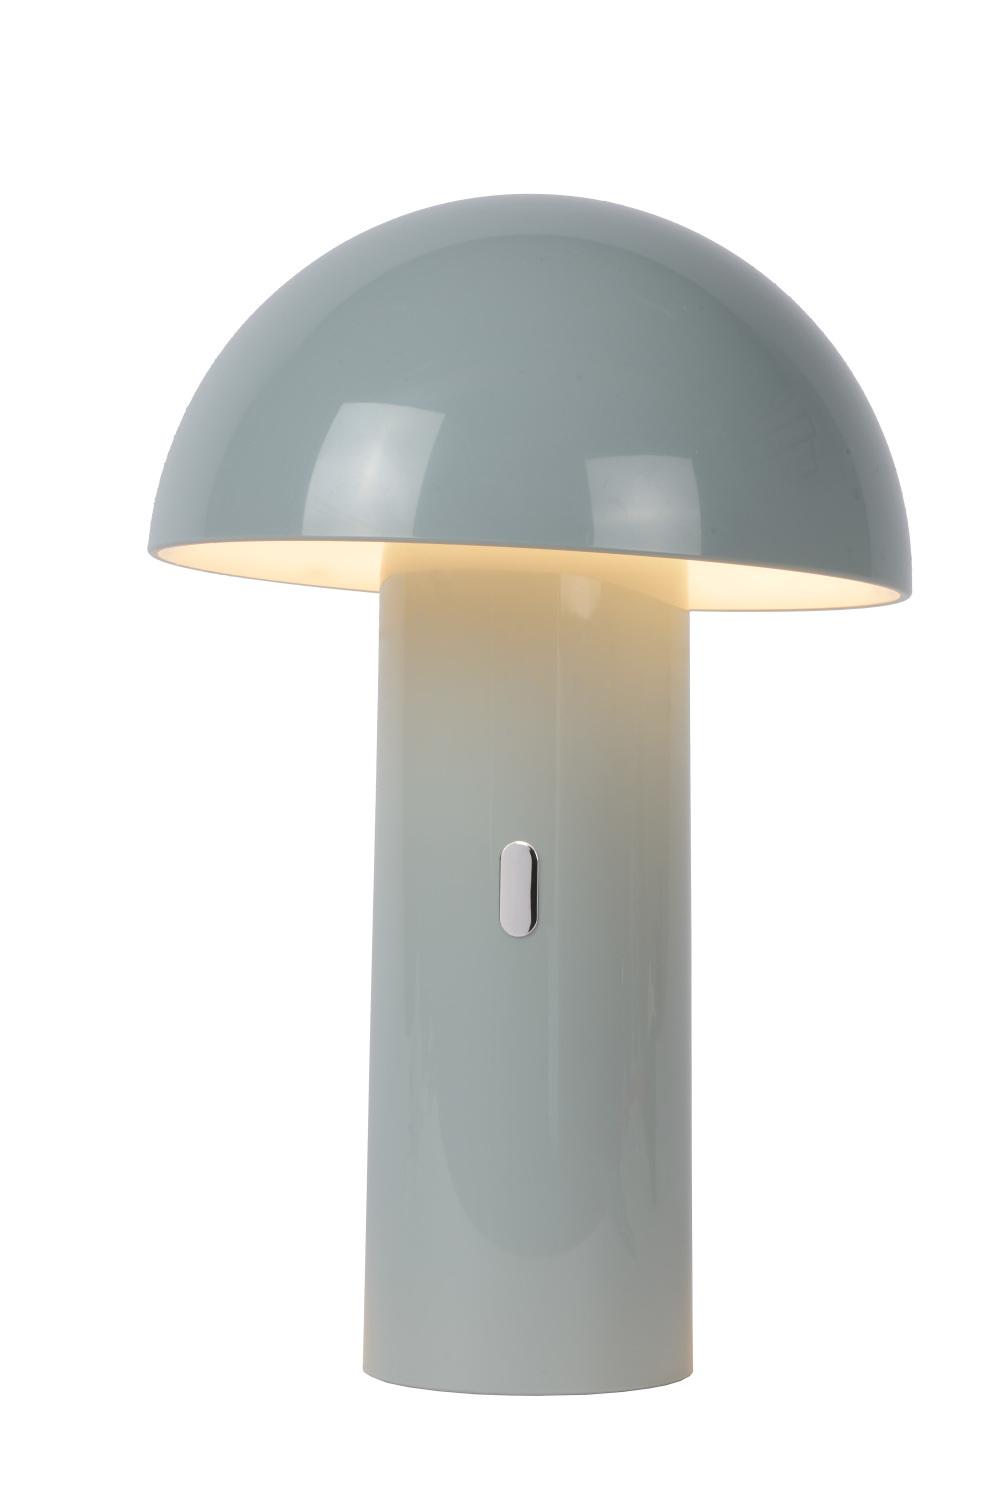 Lucide FUNGO Tafellamp LED 7.5W H25.5cm Grijs